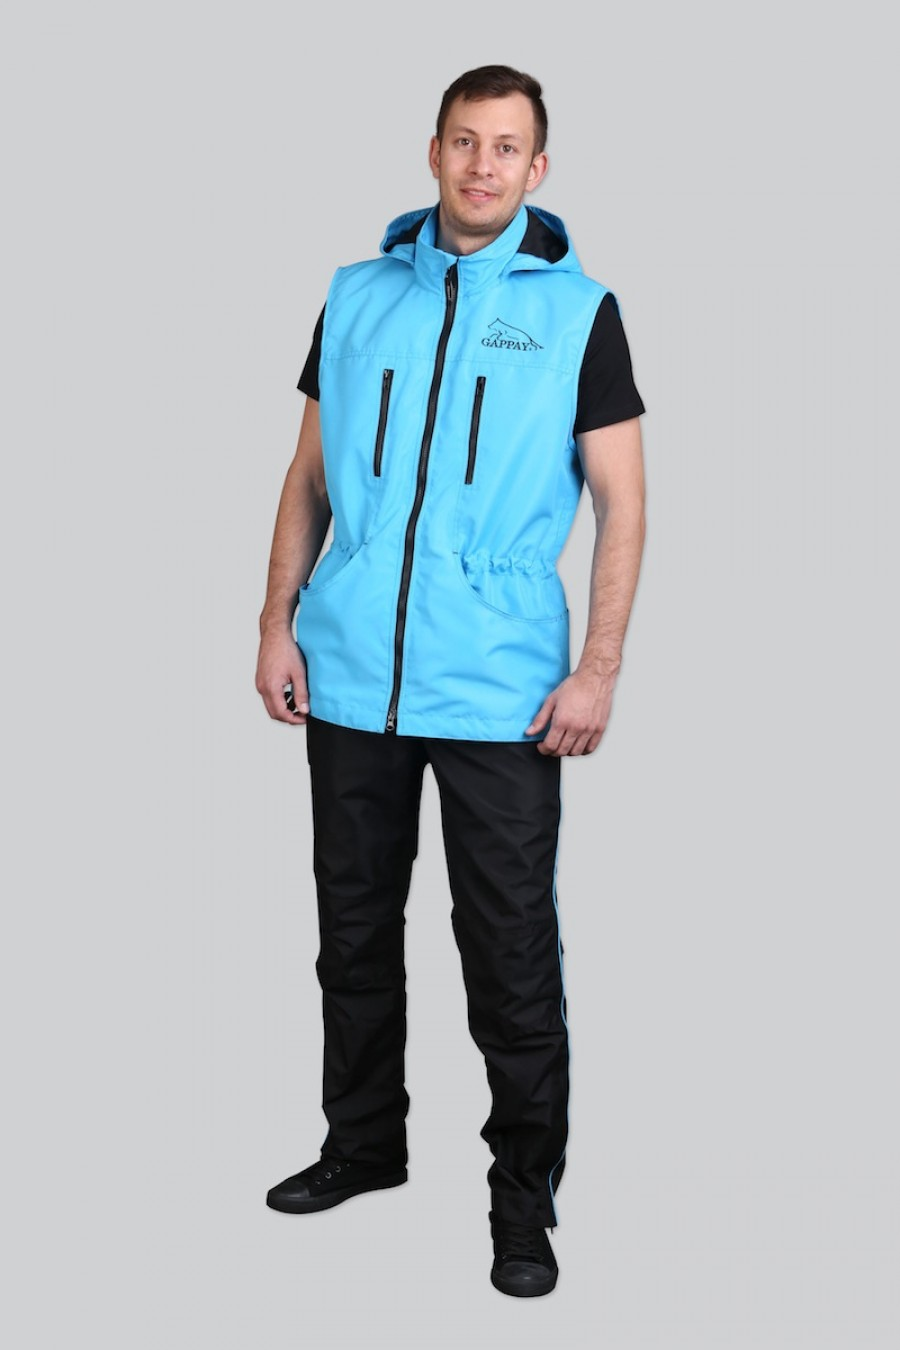 Výcviková vesta Color - modrá